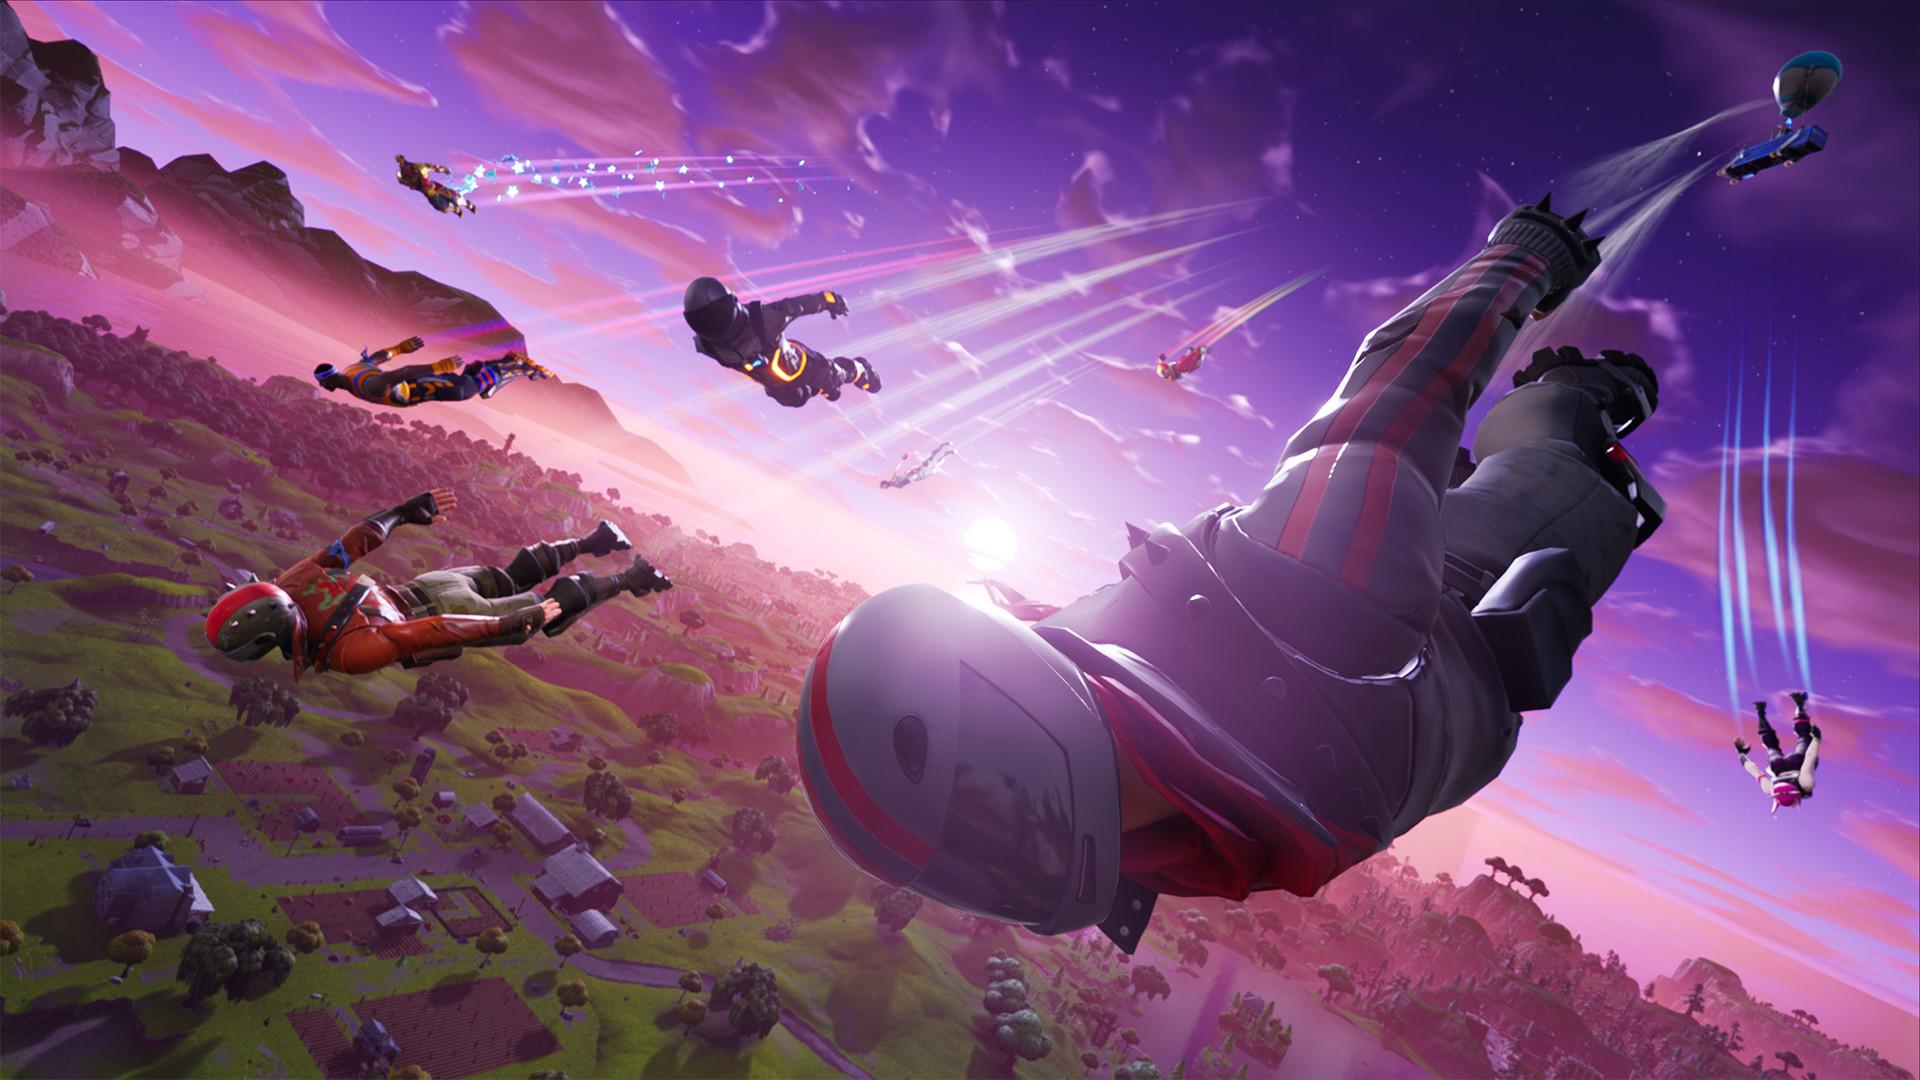 В Fortnite установлен новый рекорд. Отряд убил больше половины игроков на карте